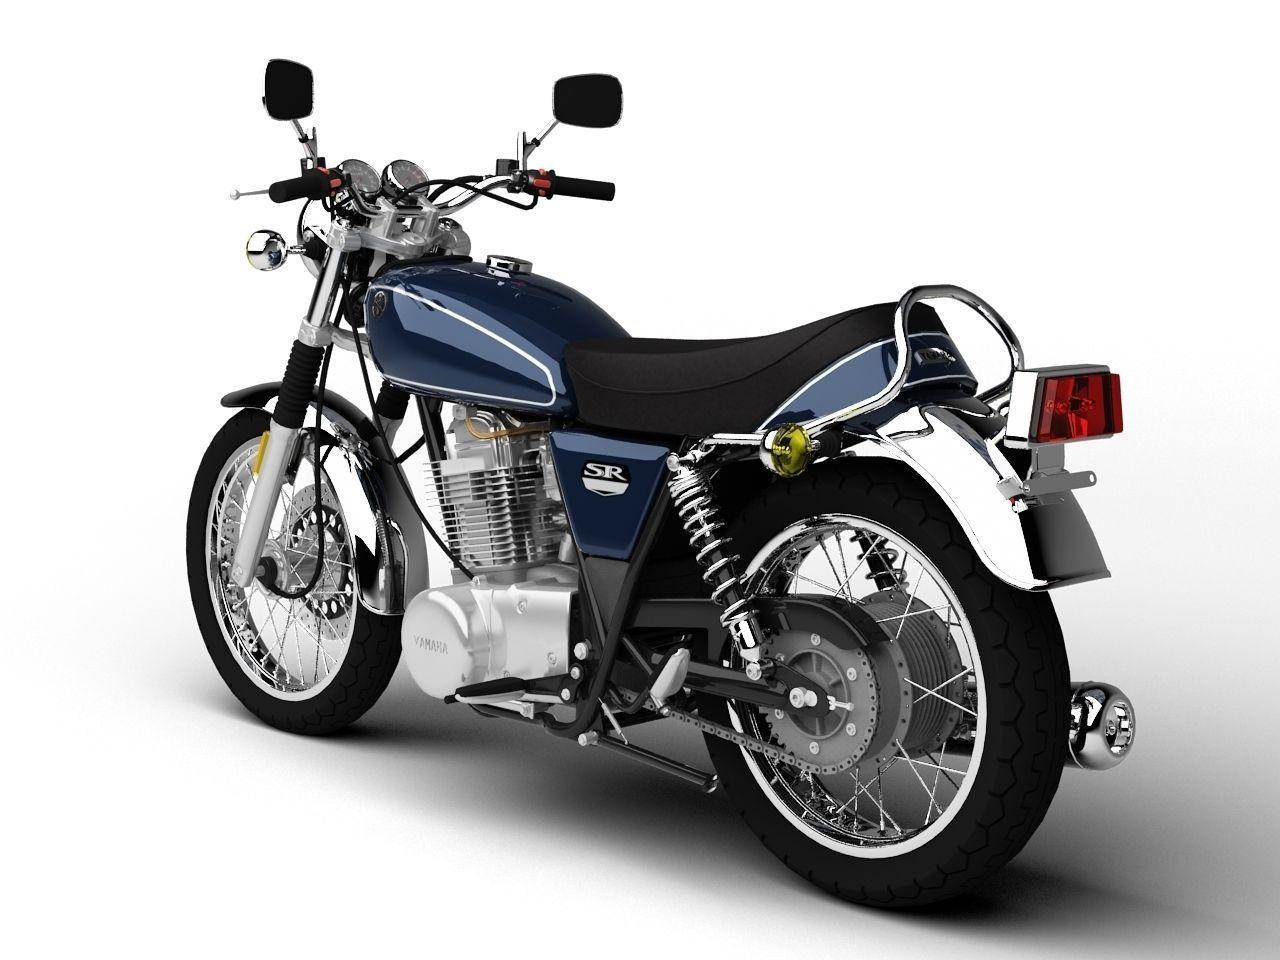 Yamaha sr400 2015 3d model max obj 3ds fbx c4d dxf for Yamaha atv models